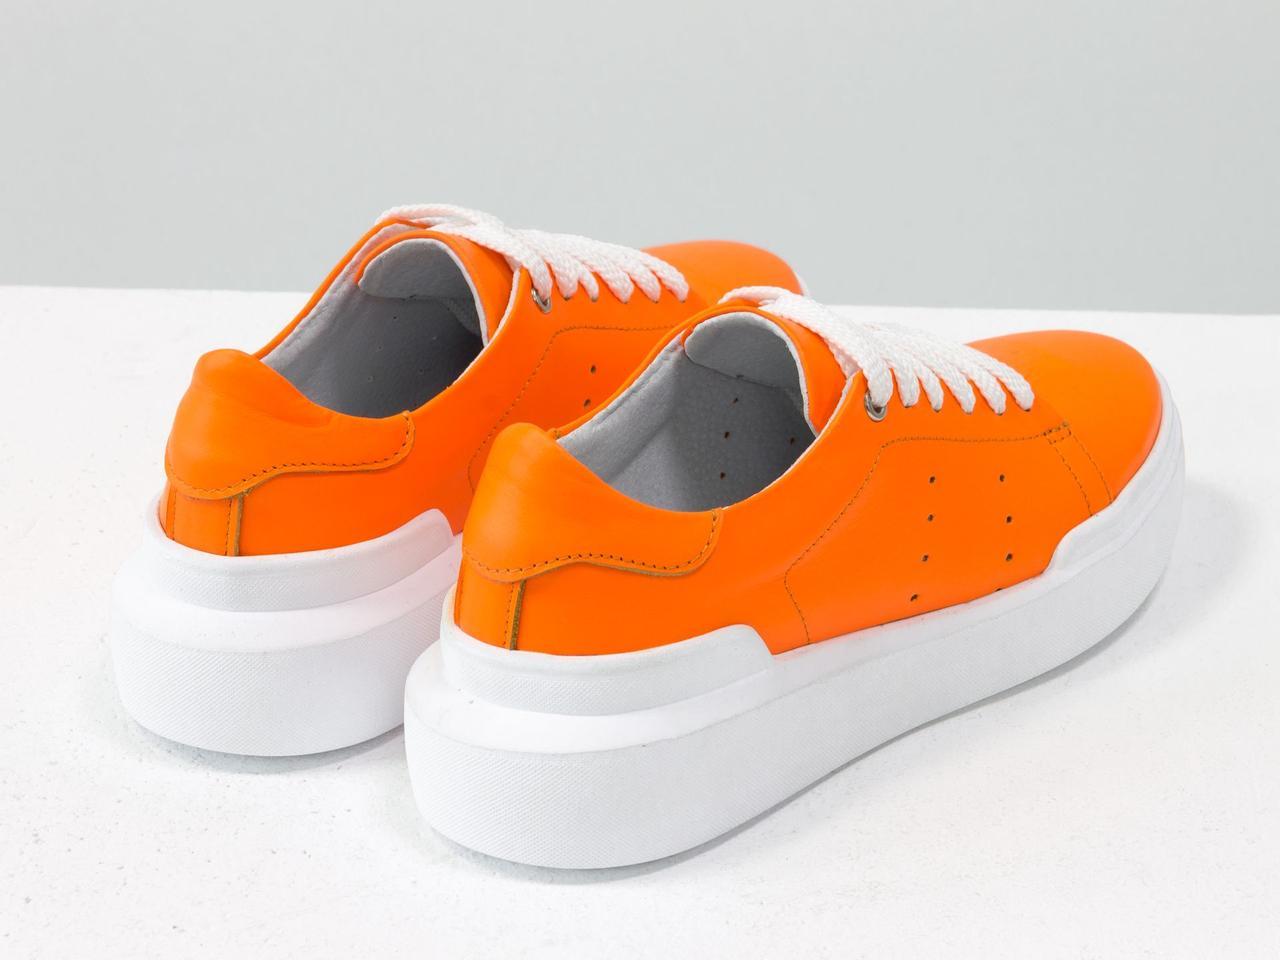 Невероятные неоновые кеды из натуральной матовой кожи ярко-оранжевого цвета - фото 3